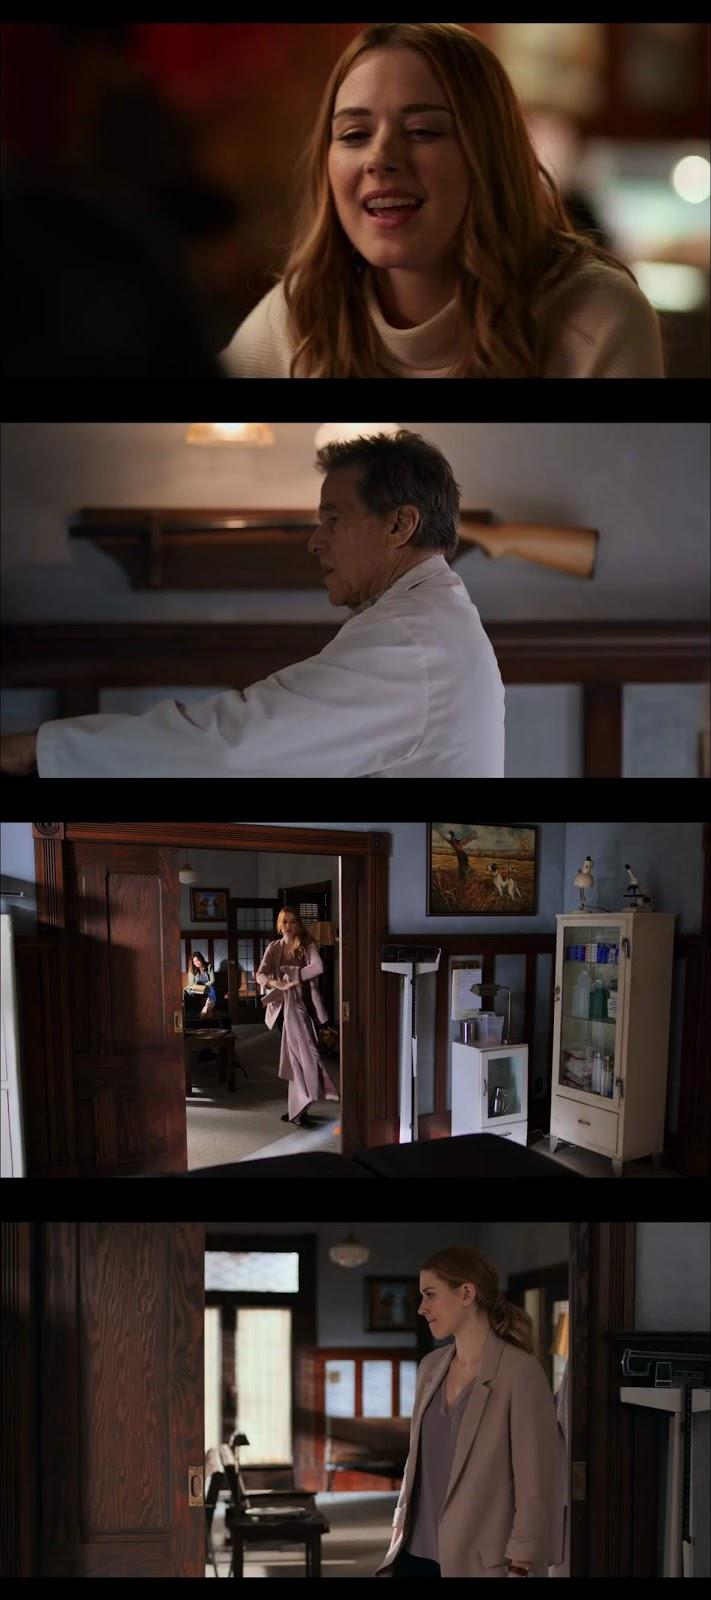 Un Lugar Para Soñar Temporada 1 Completa HD 720p Latino